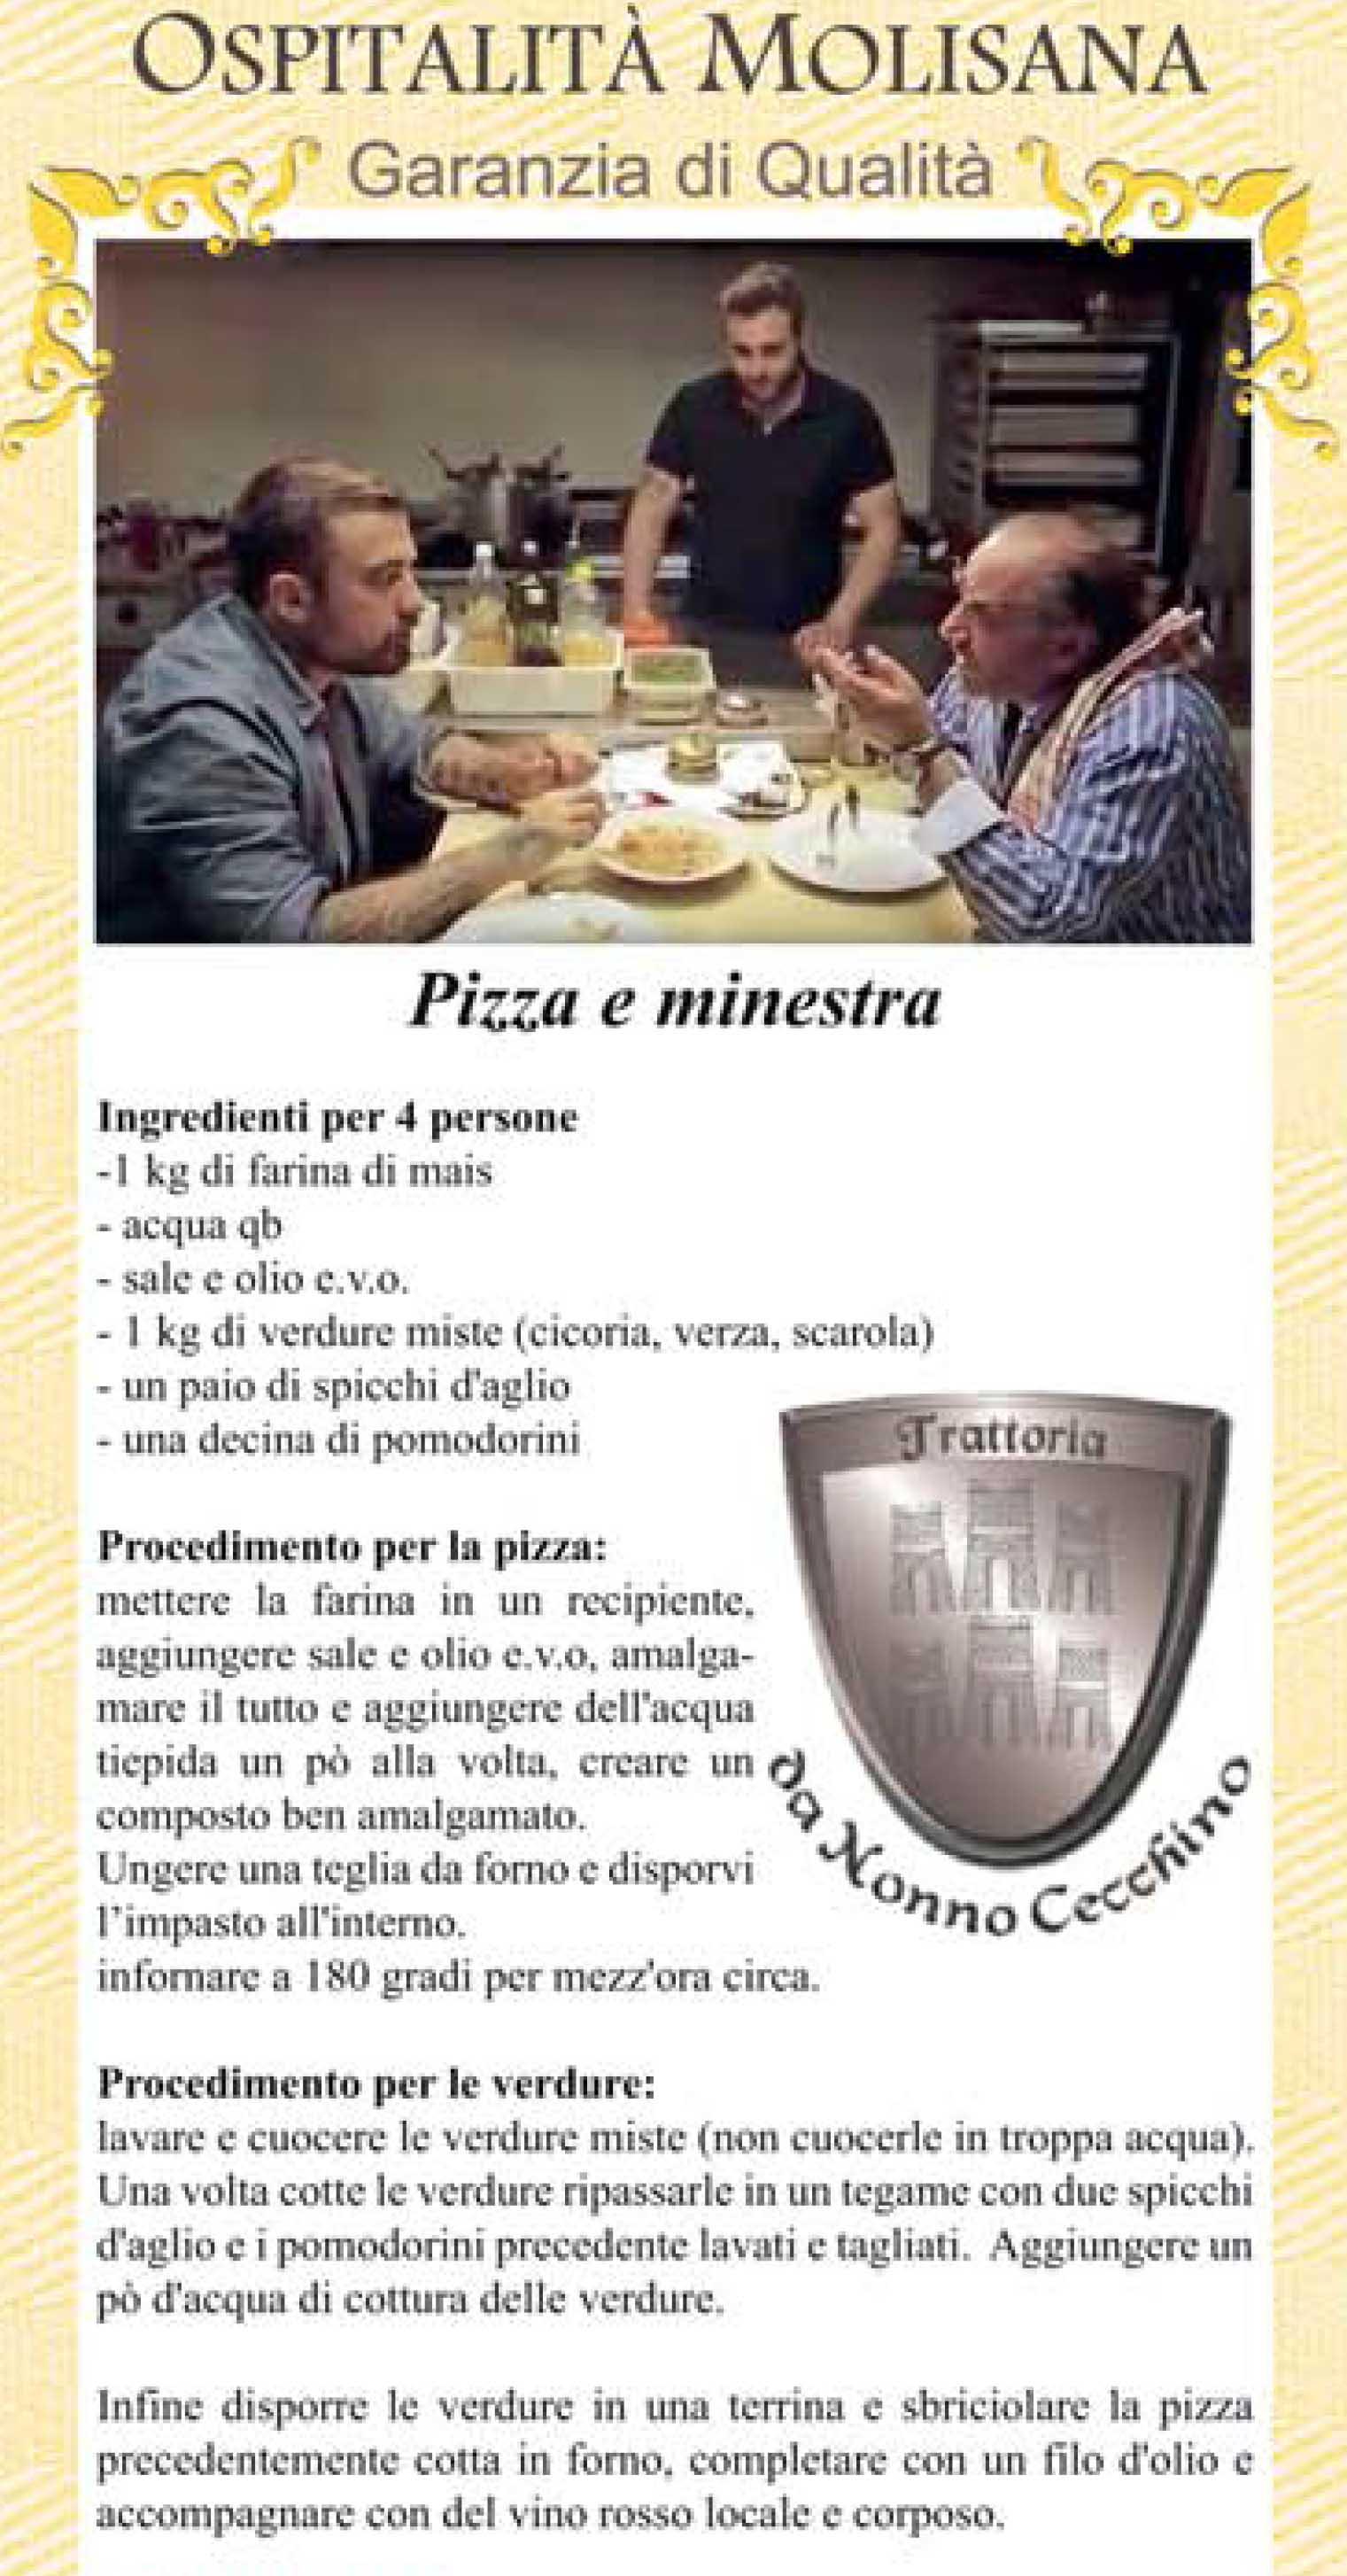 OSPITALITA' MOLISANA – Pizza e minestra